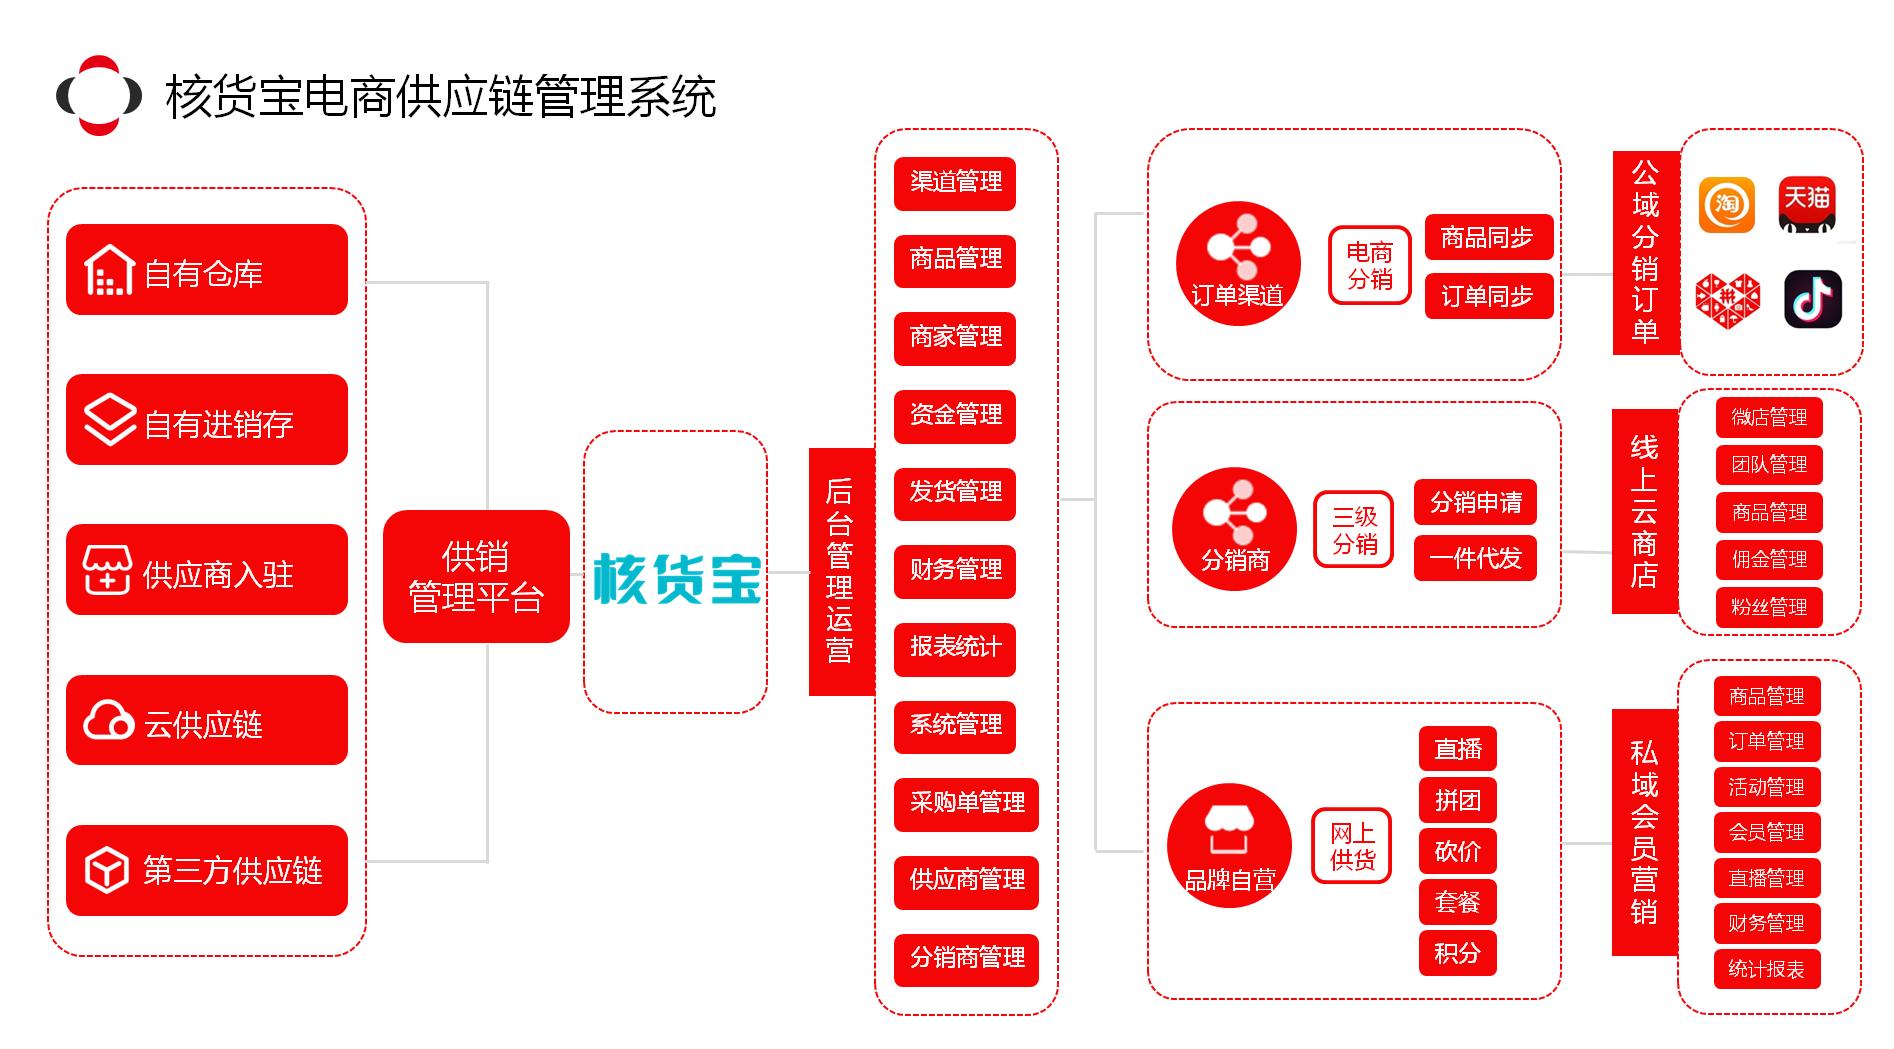 核货宝电商供应链管理系统